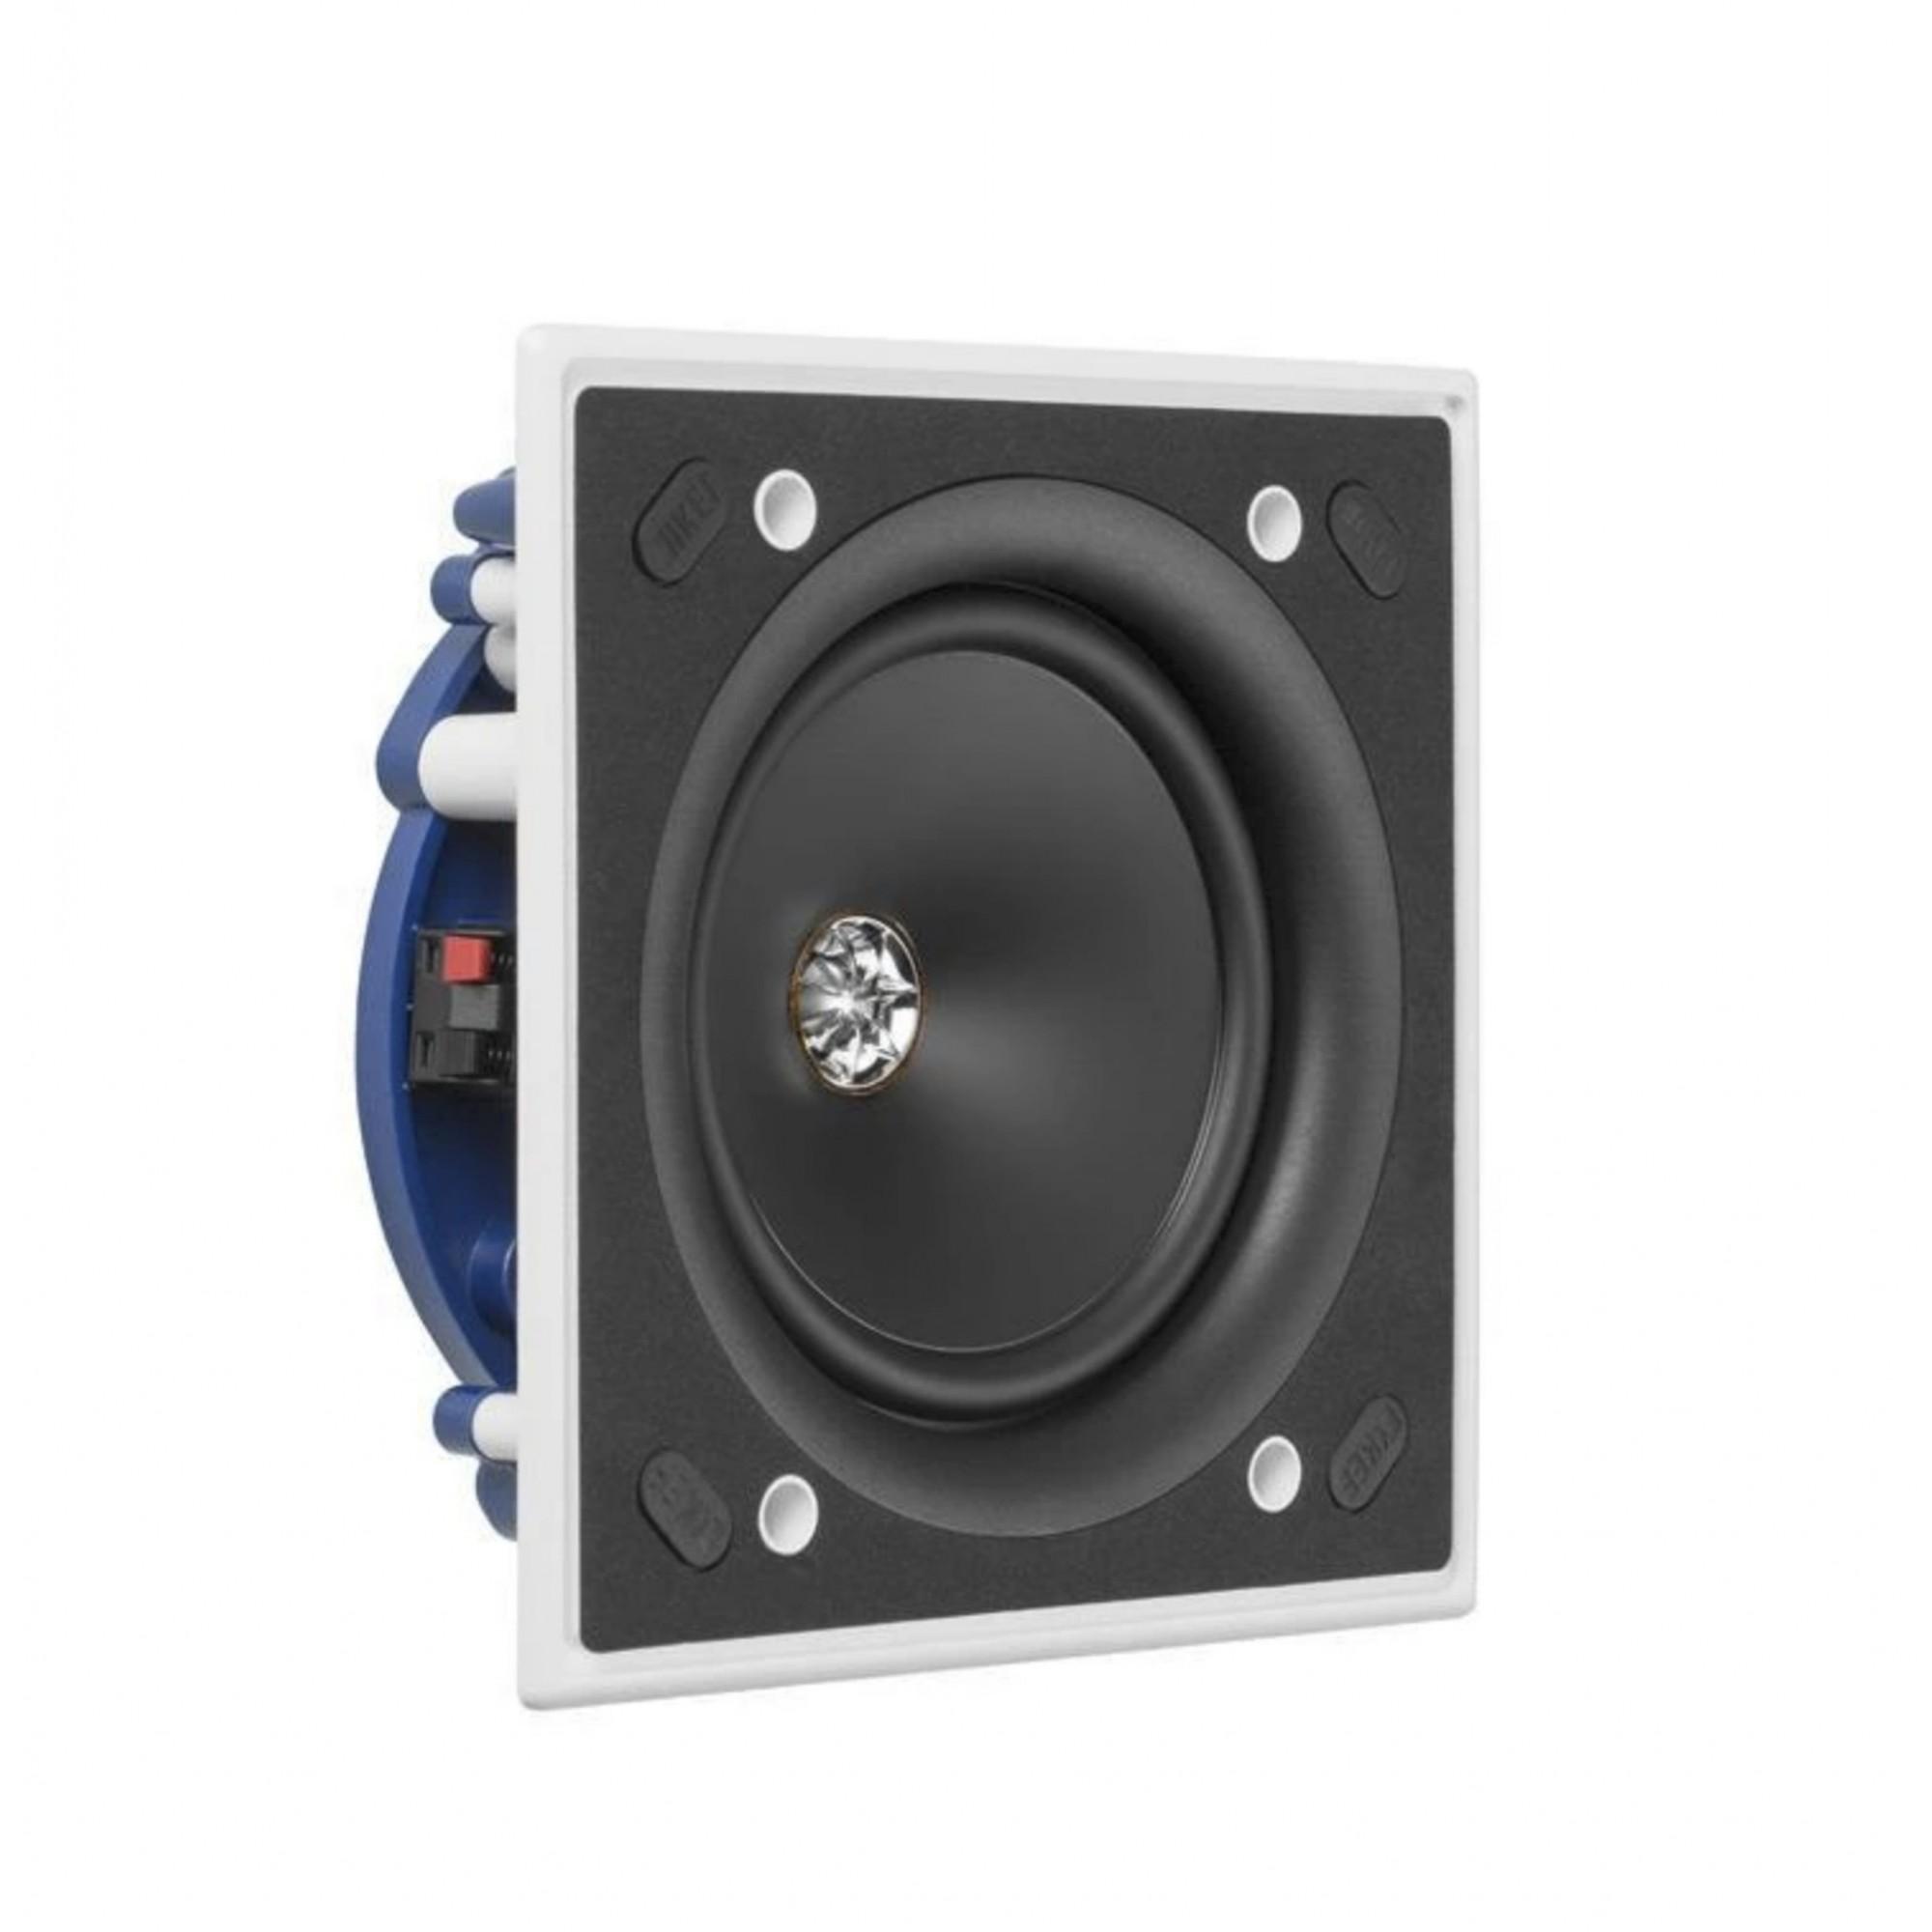 Kef Ci130.2cs Caixa Acústica De Embutir Gesso Slim Quadrada 1 Unidade